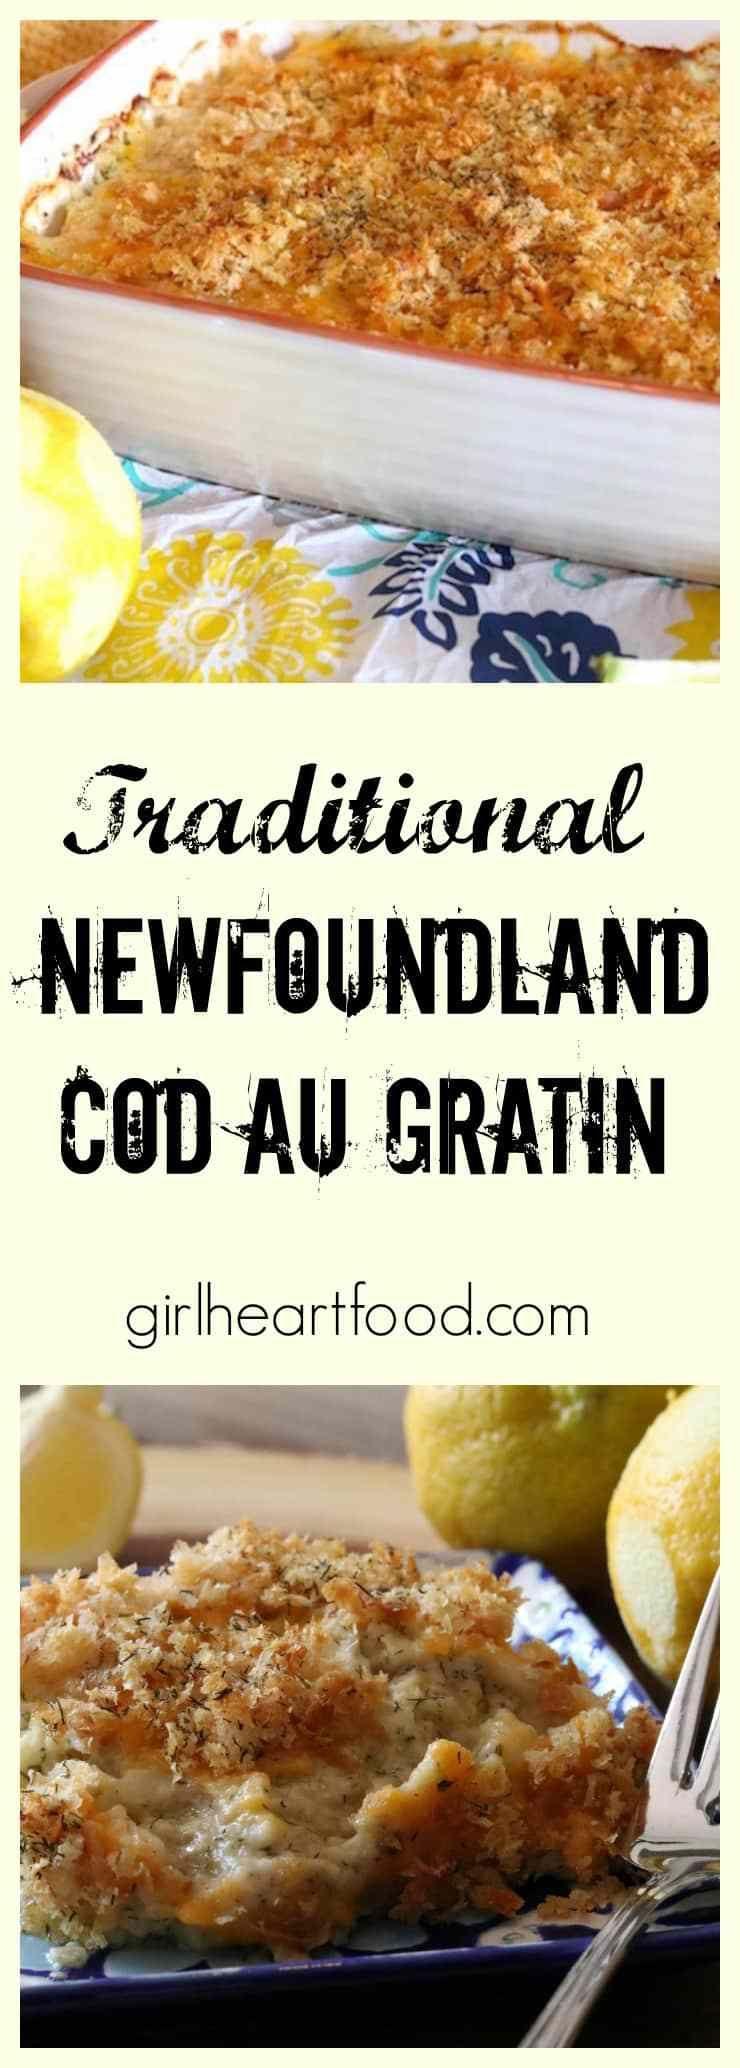 Newfoundland Cod Au Gratin